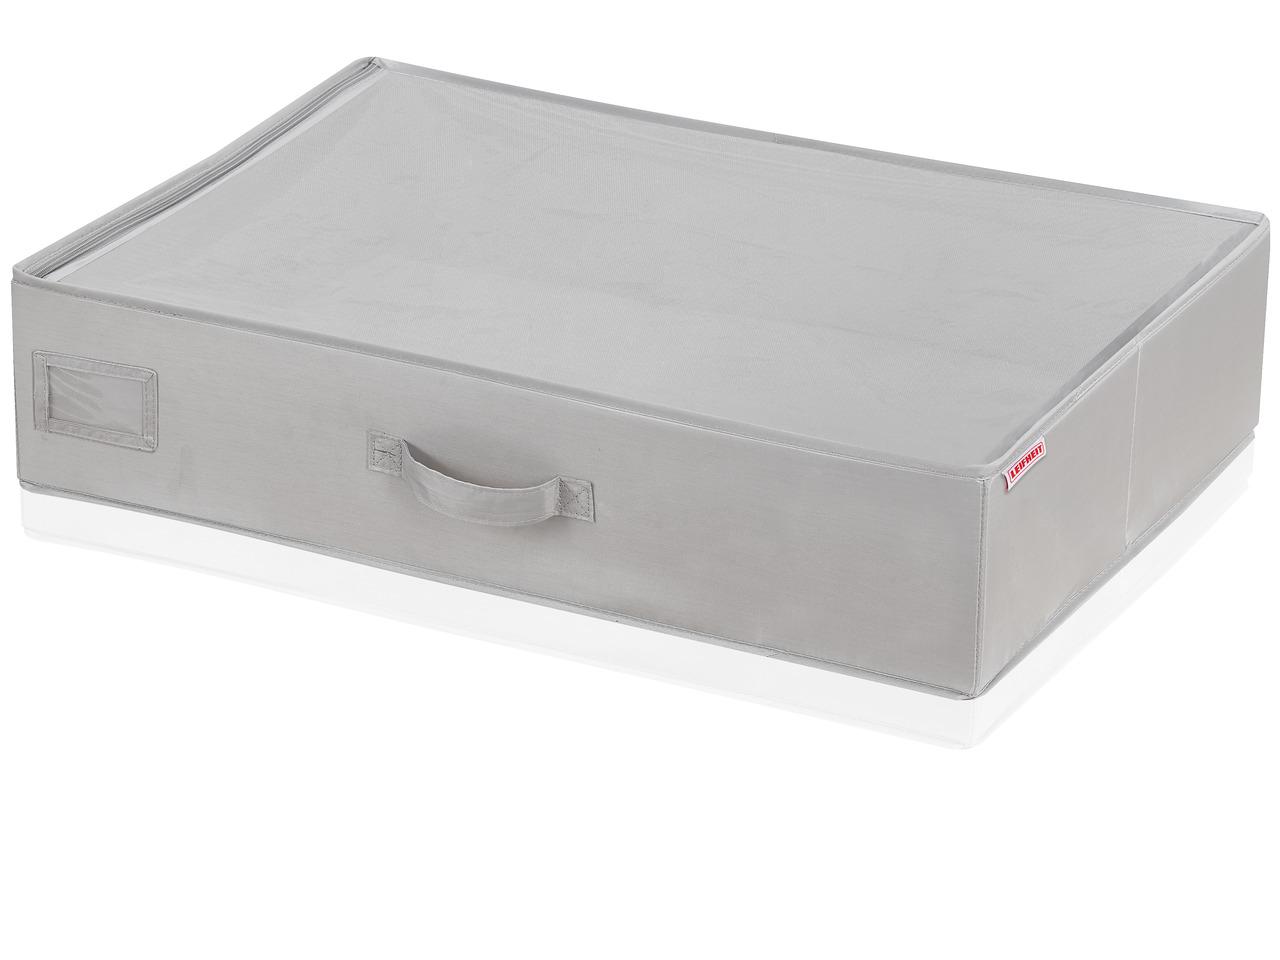 LEIFHEIT Malý box pod postel - grey LEIFHEIT 80014